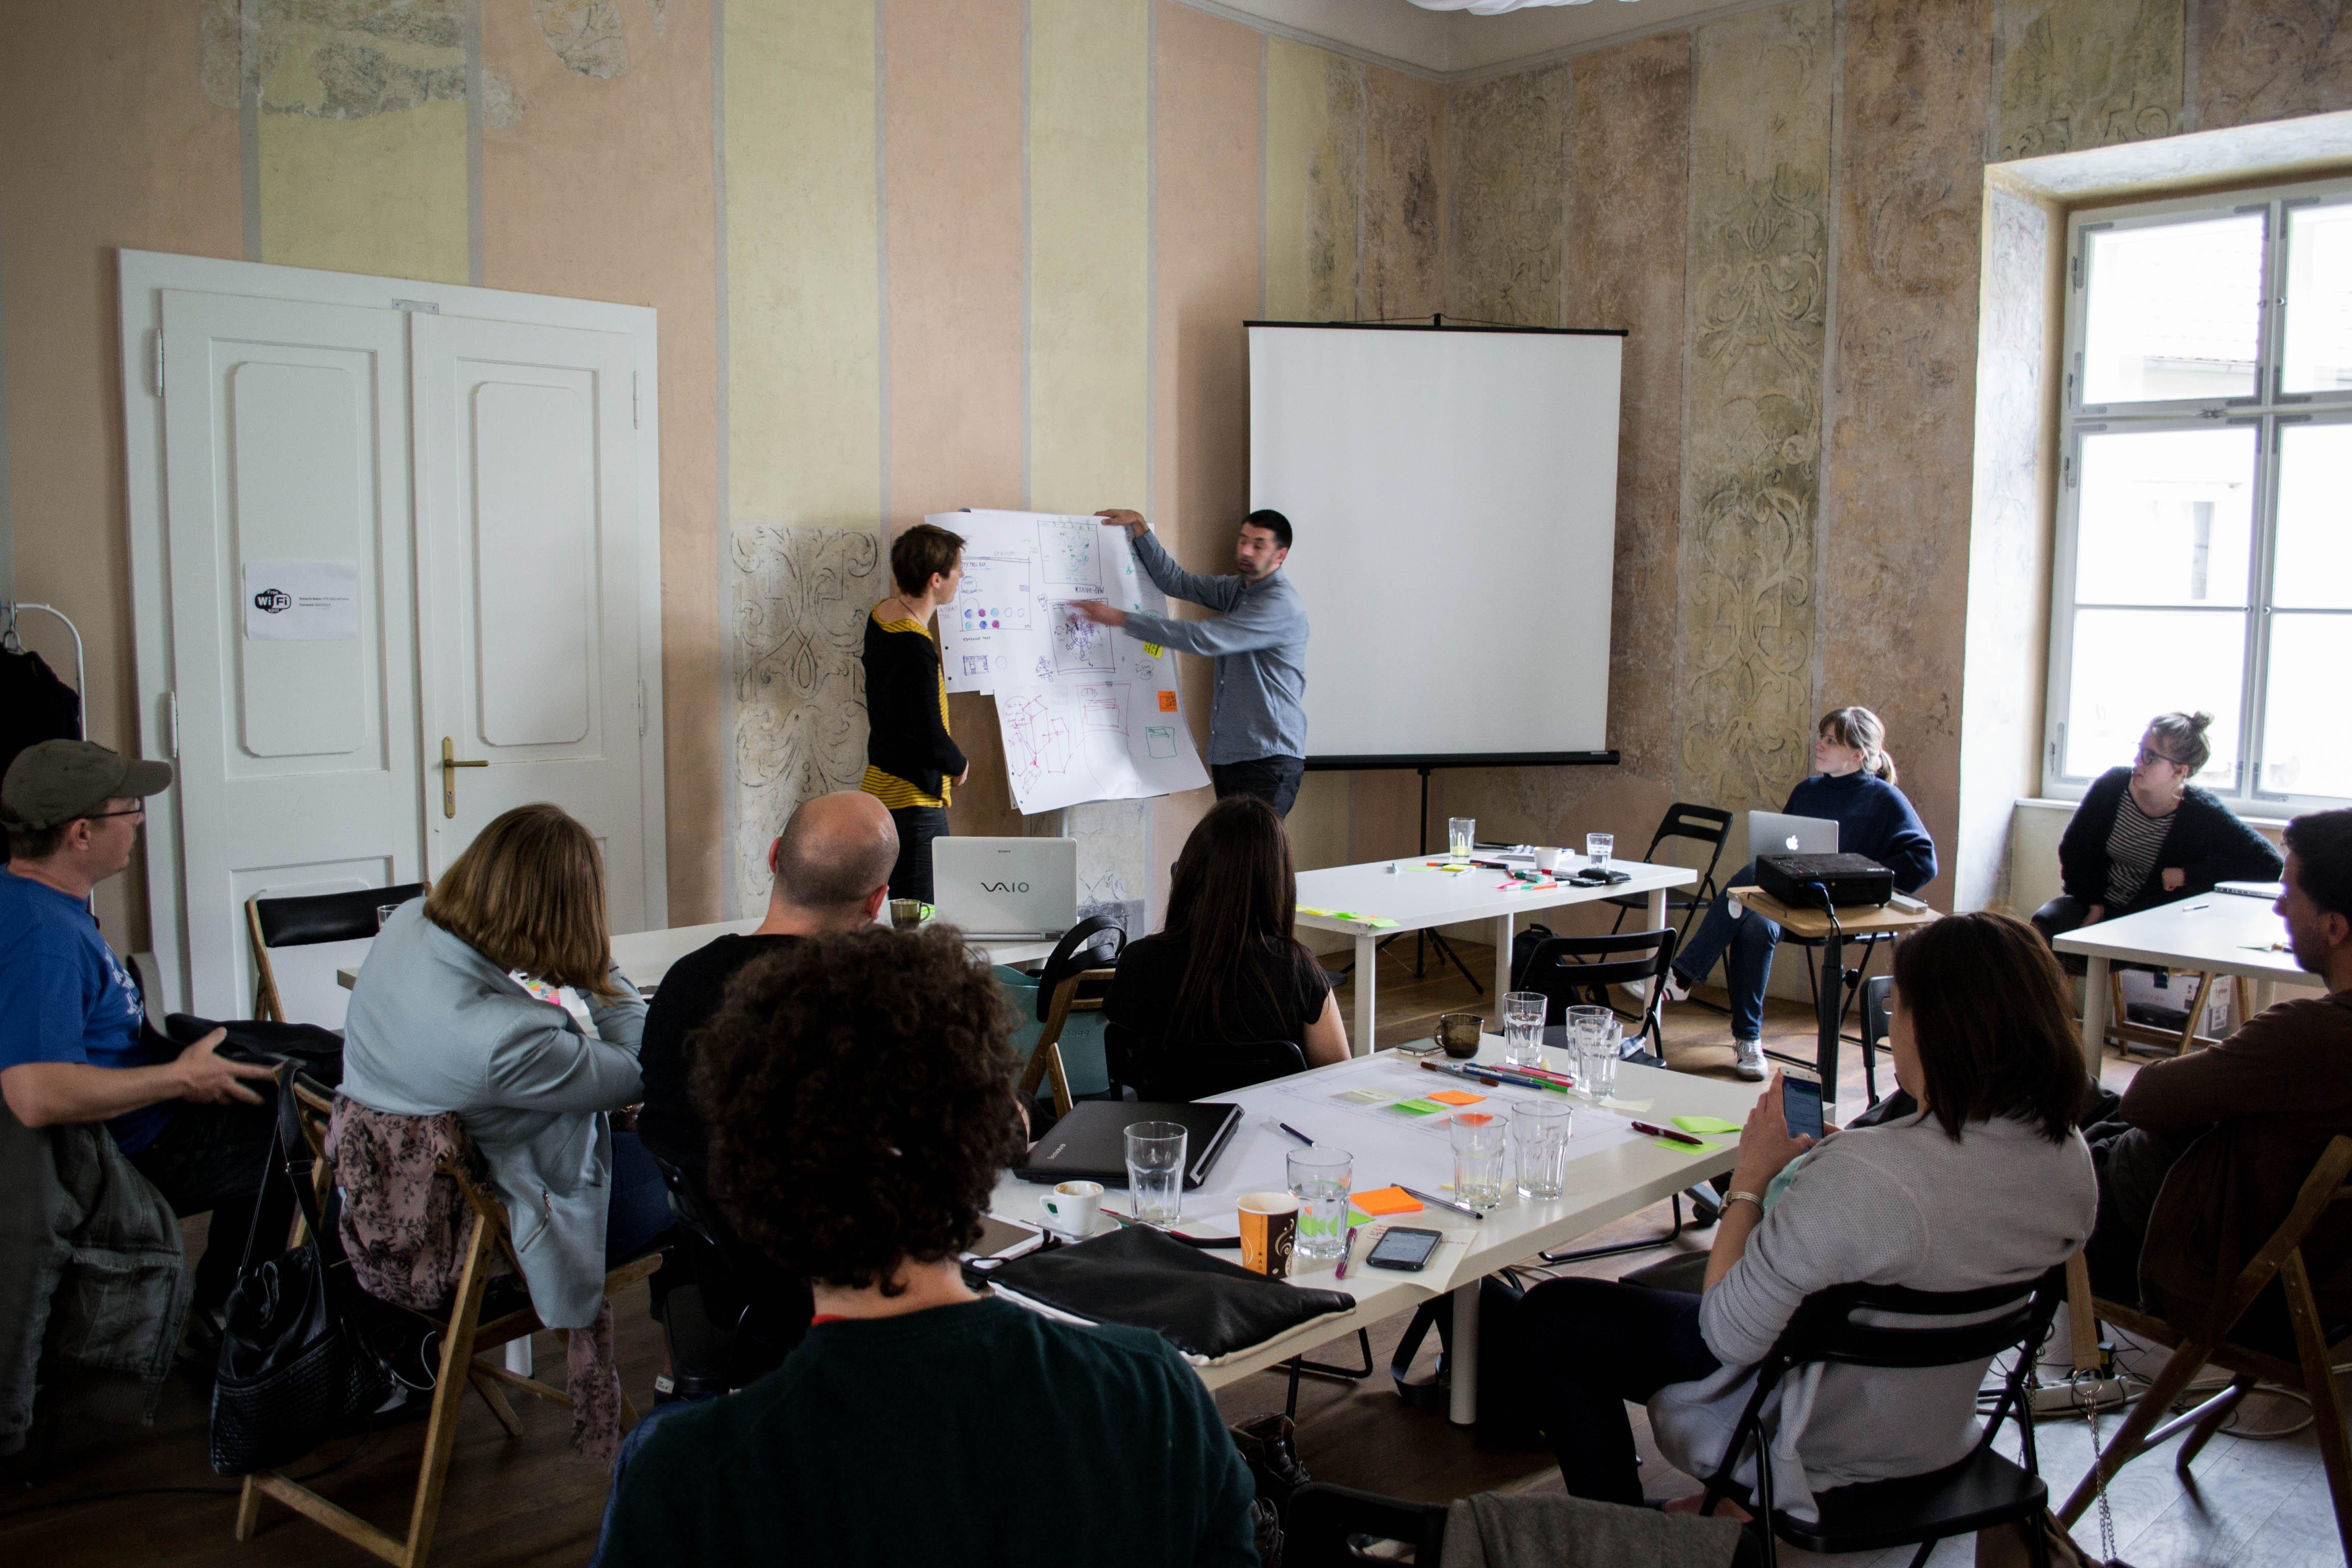 1η Συνάντηση ομάδων Citytoolbox στο Μάριμπορ της Σλοβενίας